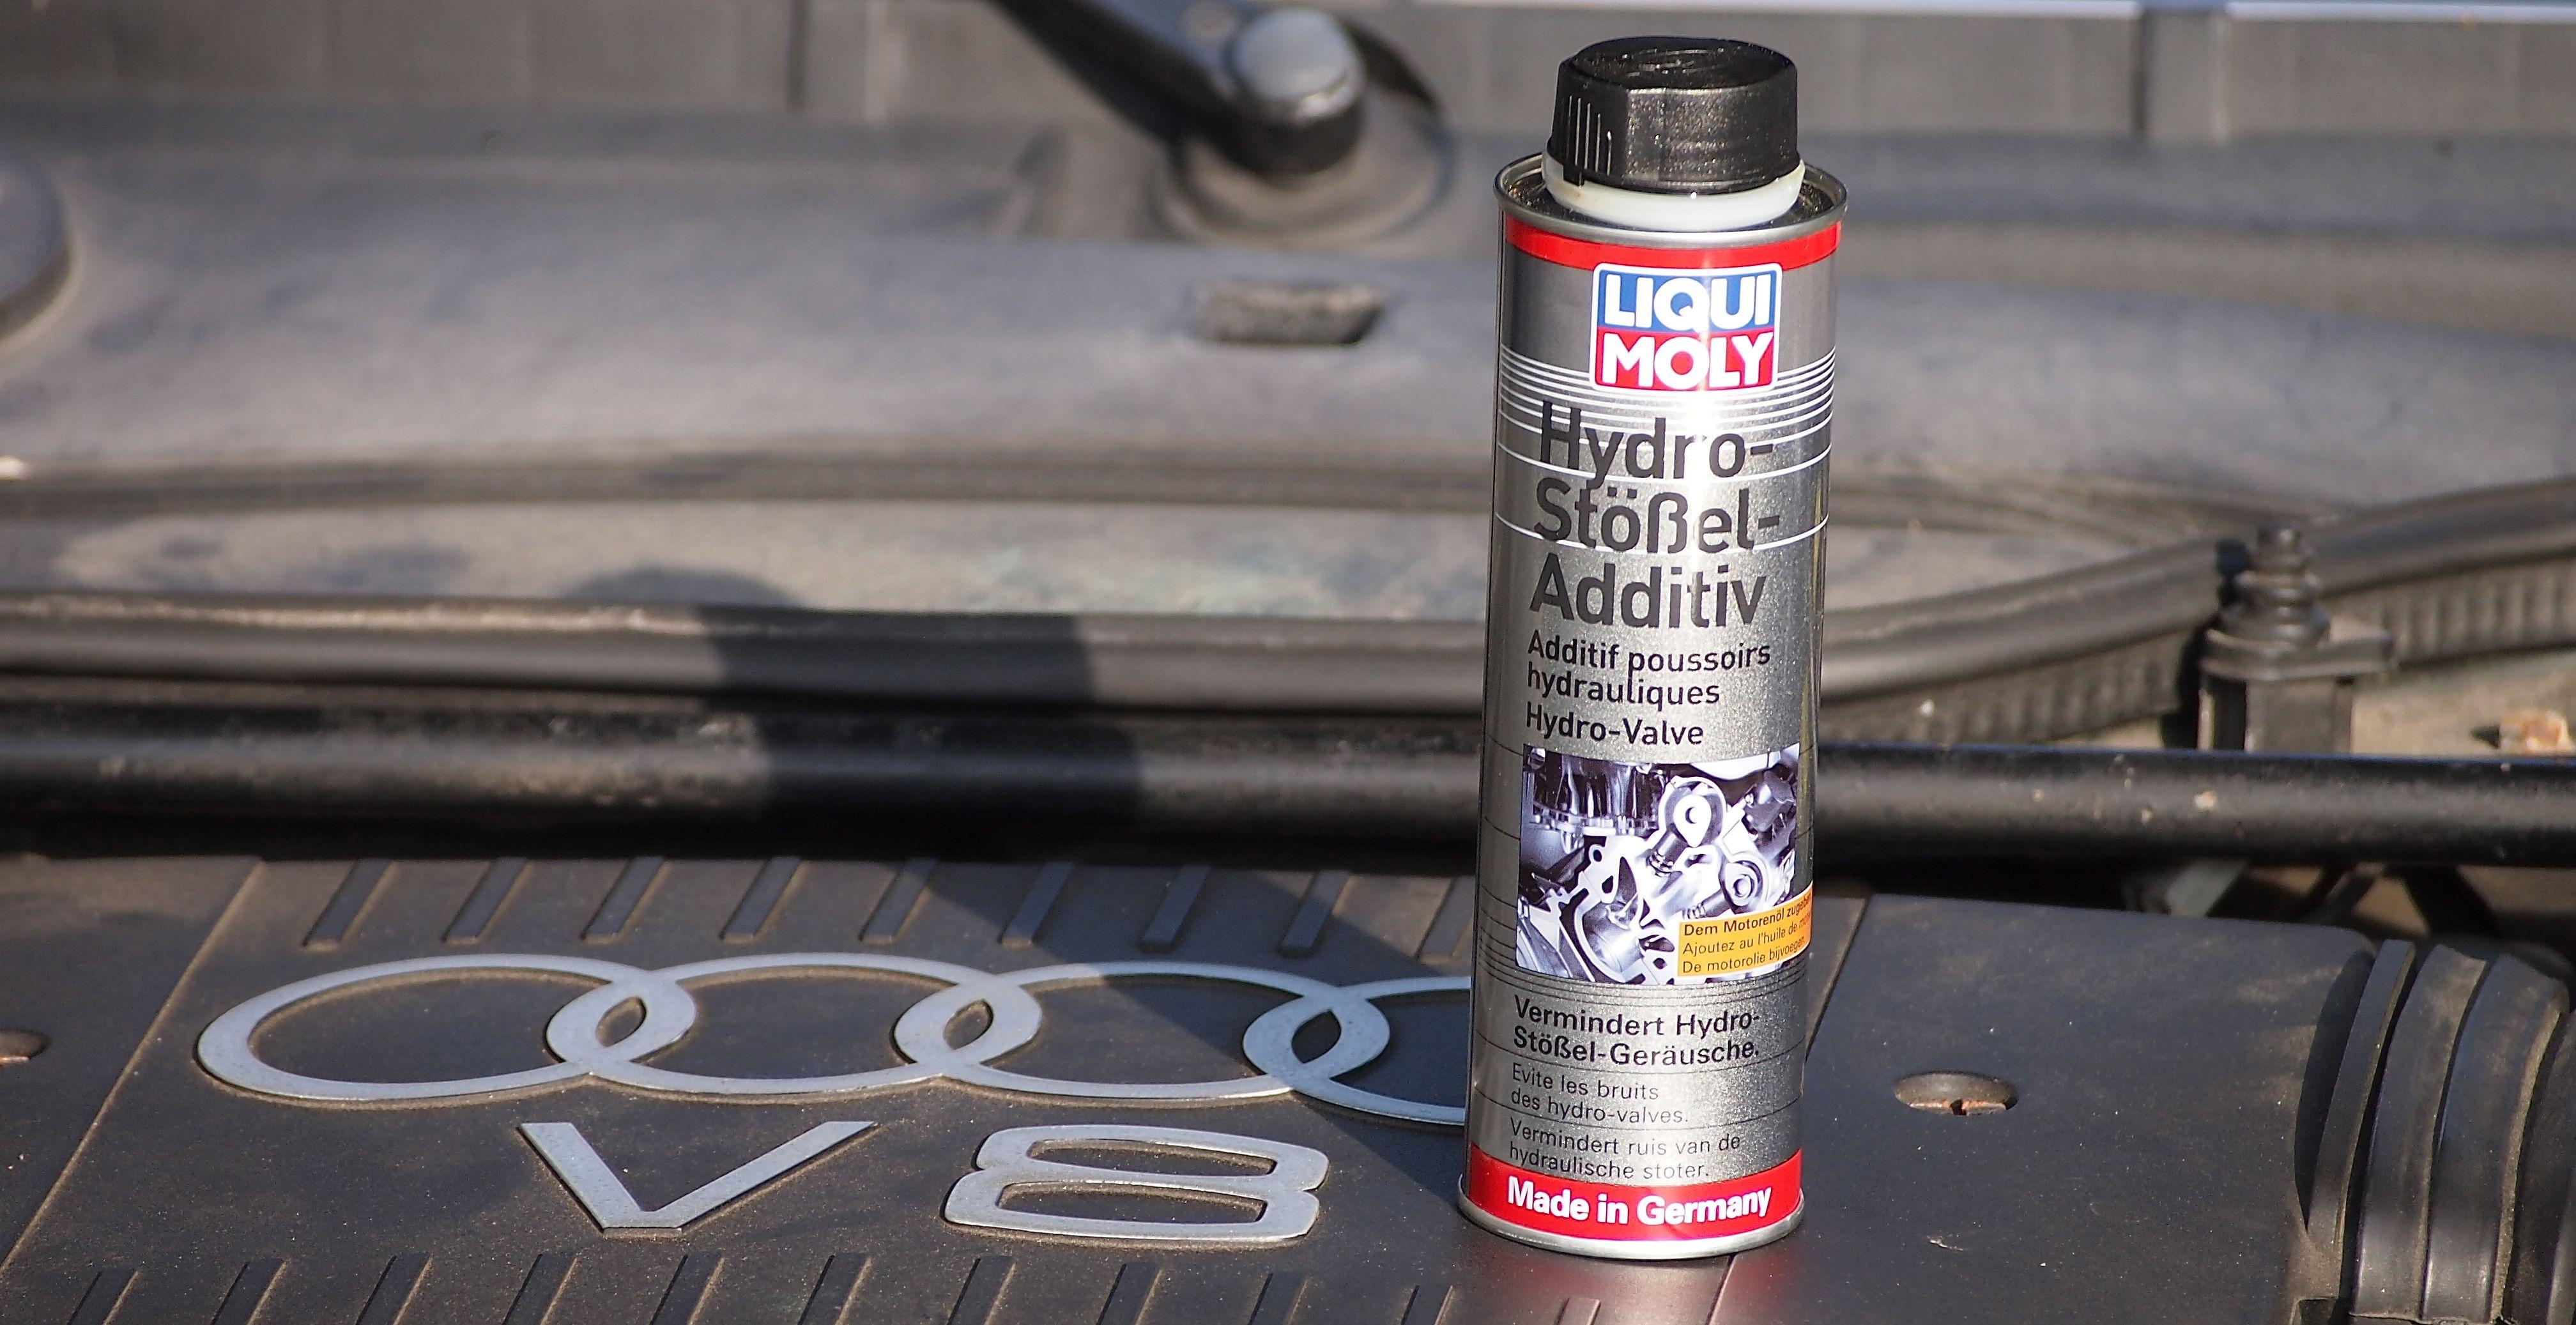 Das Additiv von Liqui Moly verhindert das Hydro-Klackern